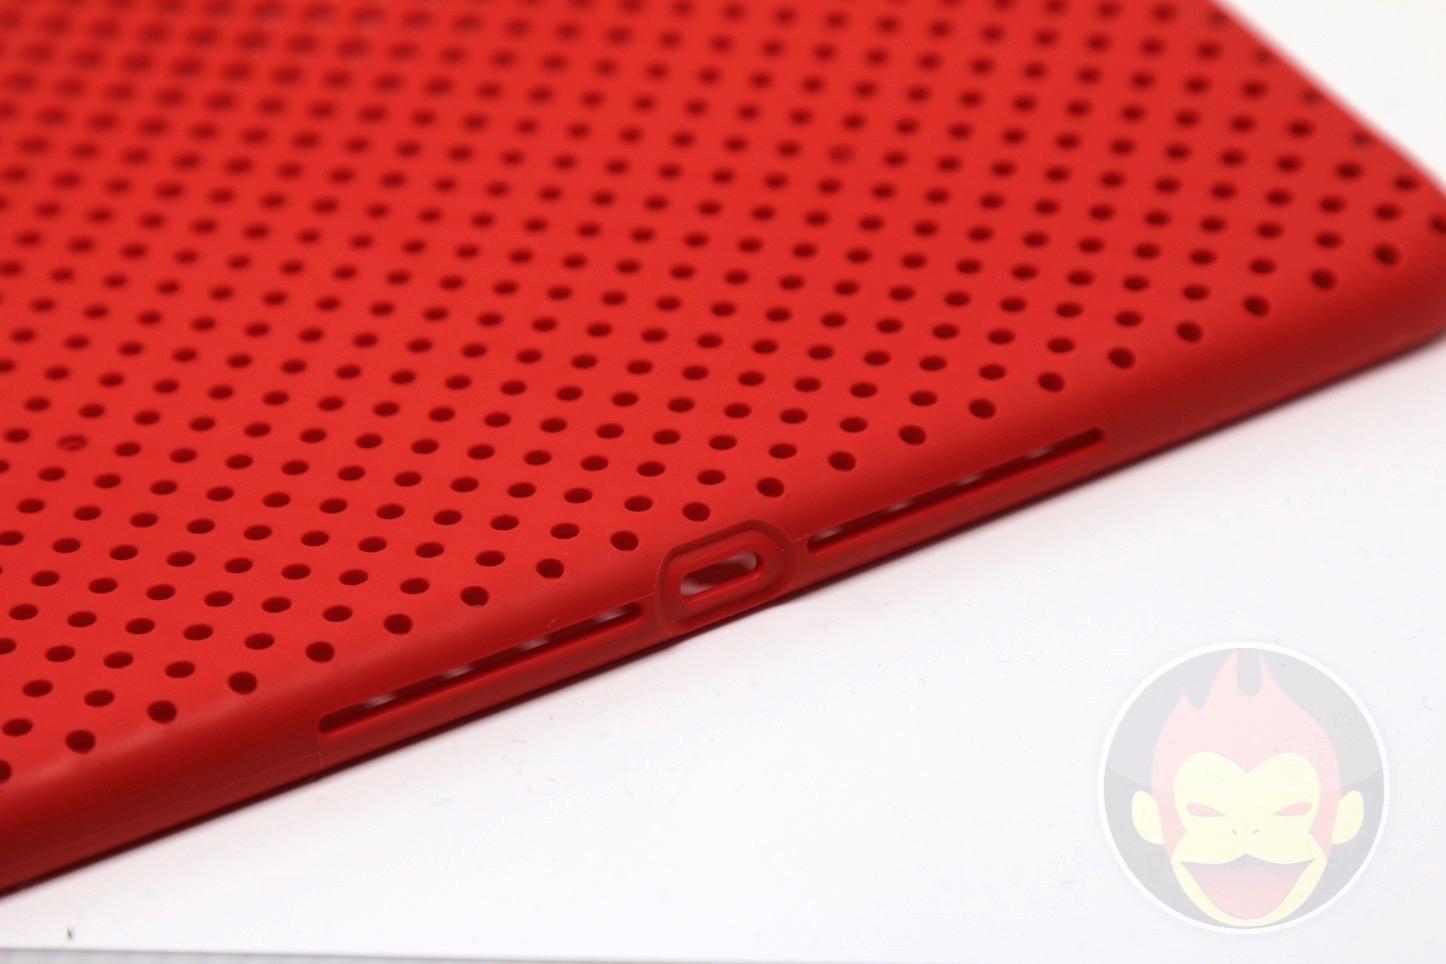 AndMesh-Mesh-Case-for-iPad-Air-2-24.JPG